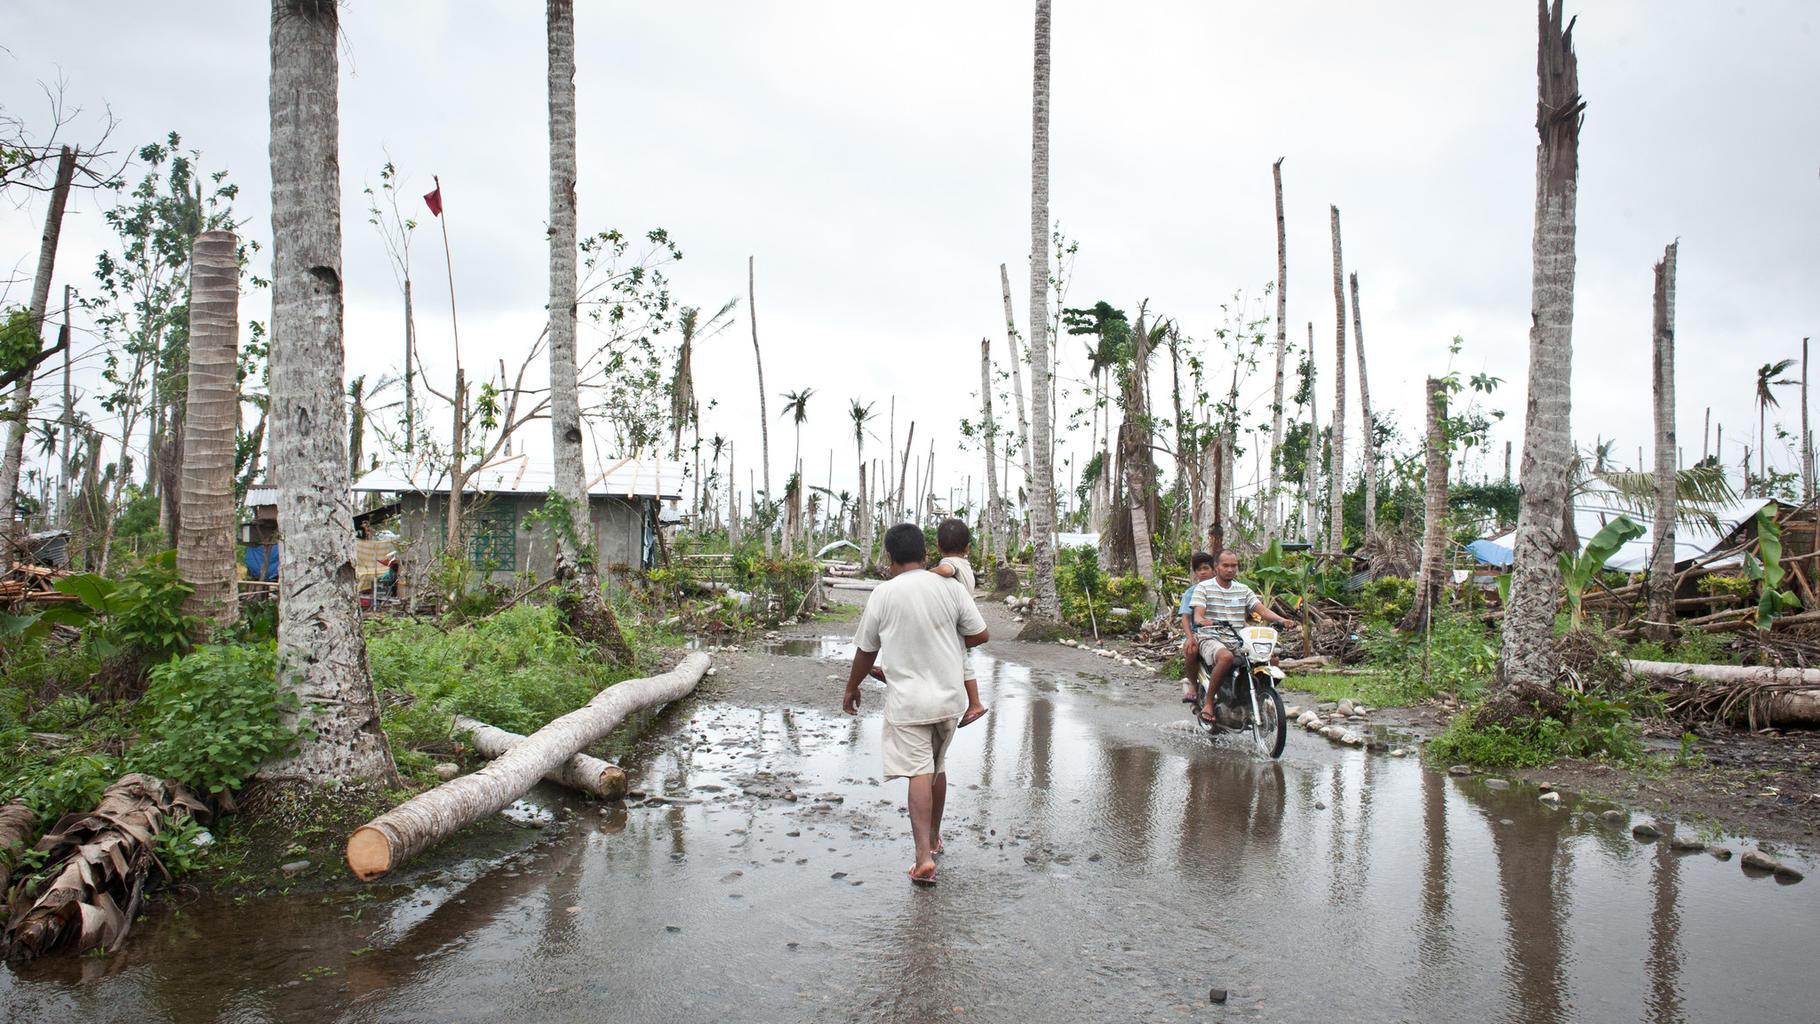 Der Taifun Haiyan zerstörte 90 Prozent der Kokosnusspalmen in Leyte, Philippinen, 2014.